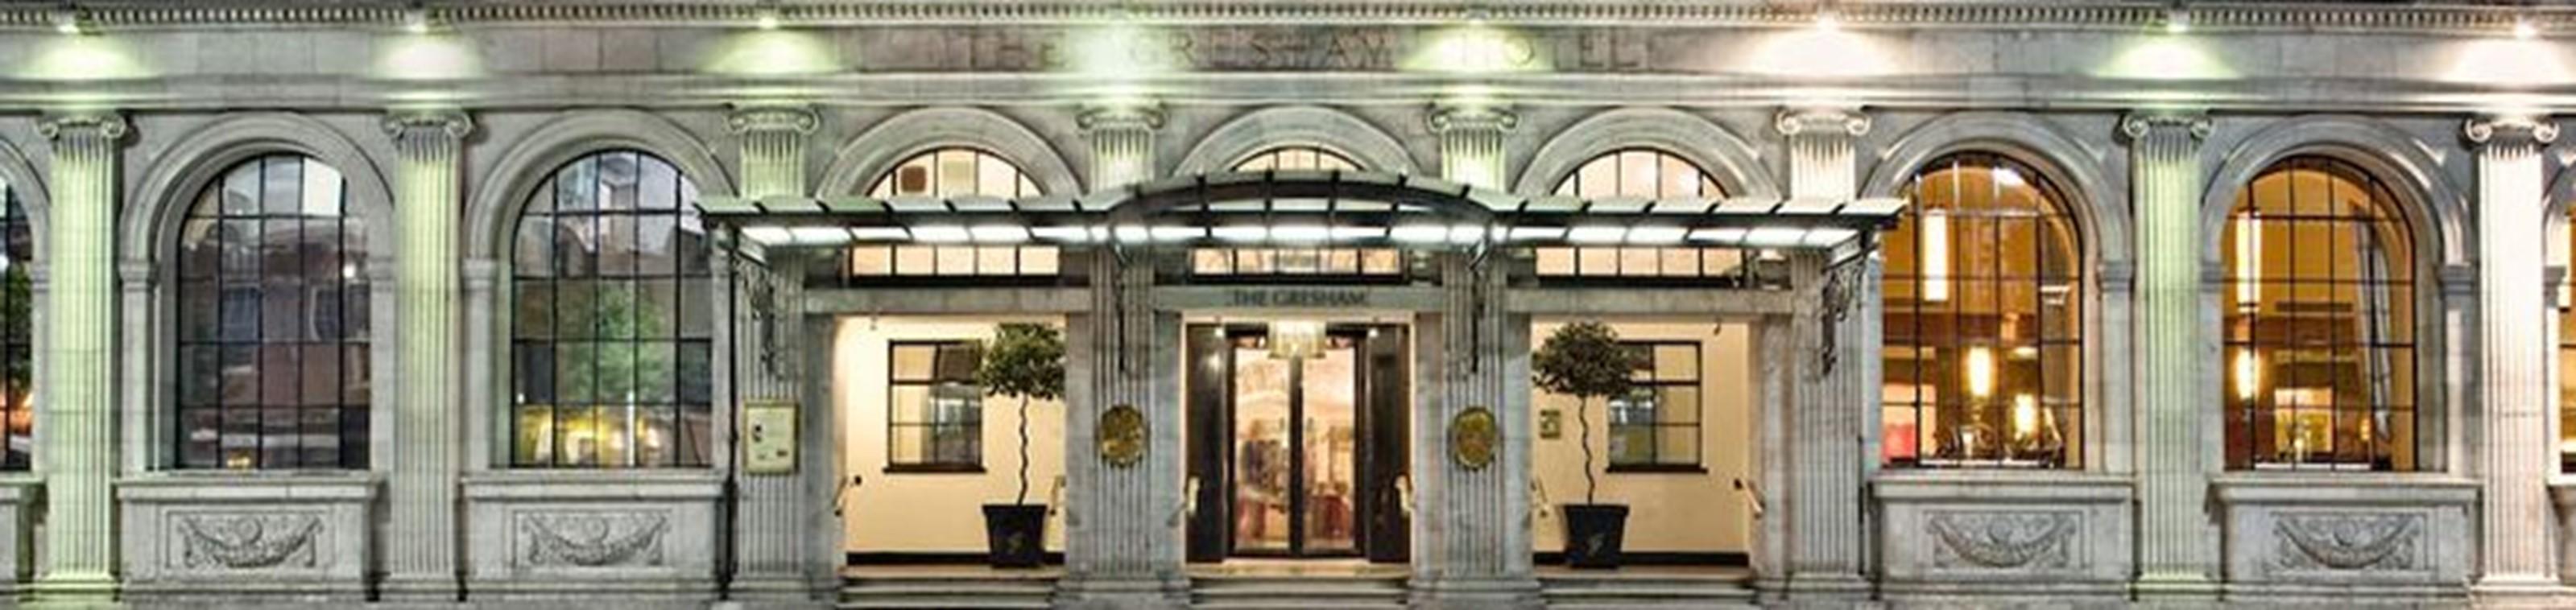 Citytrip naar het nieuwe Hotel Riu Plaza The Gresham **** in Dublin